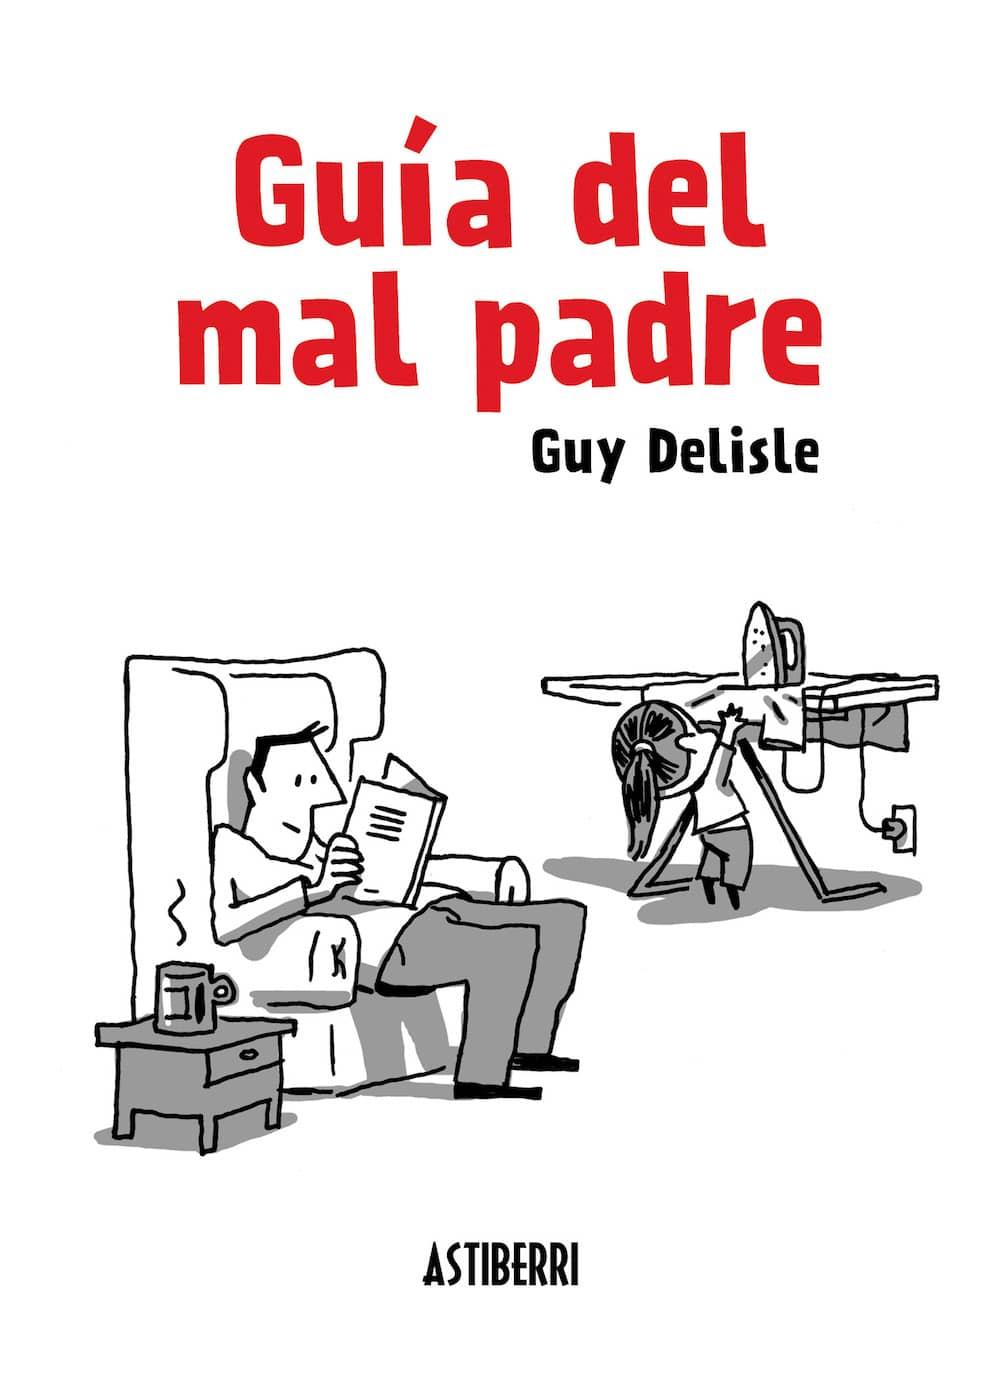 GUIA DEL MAL PADRE